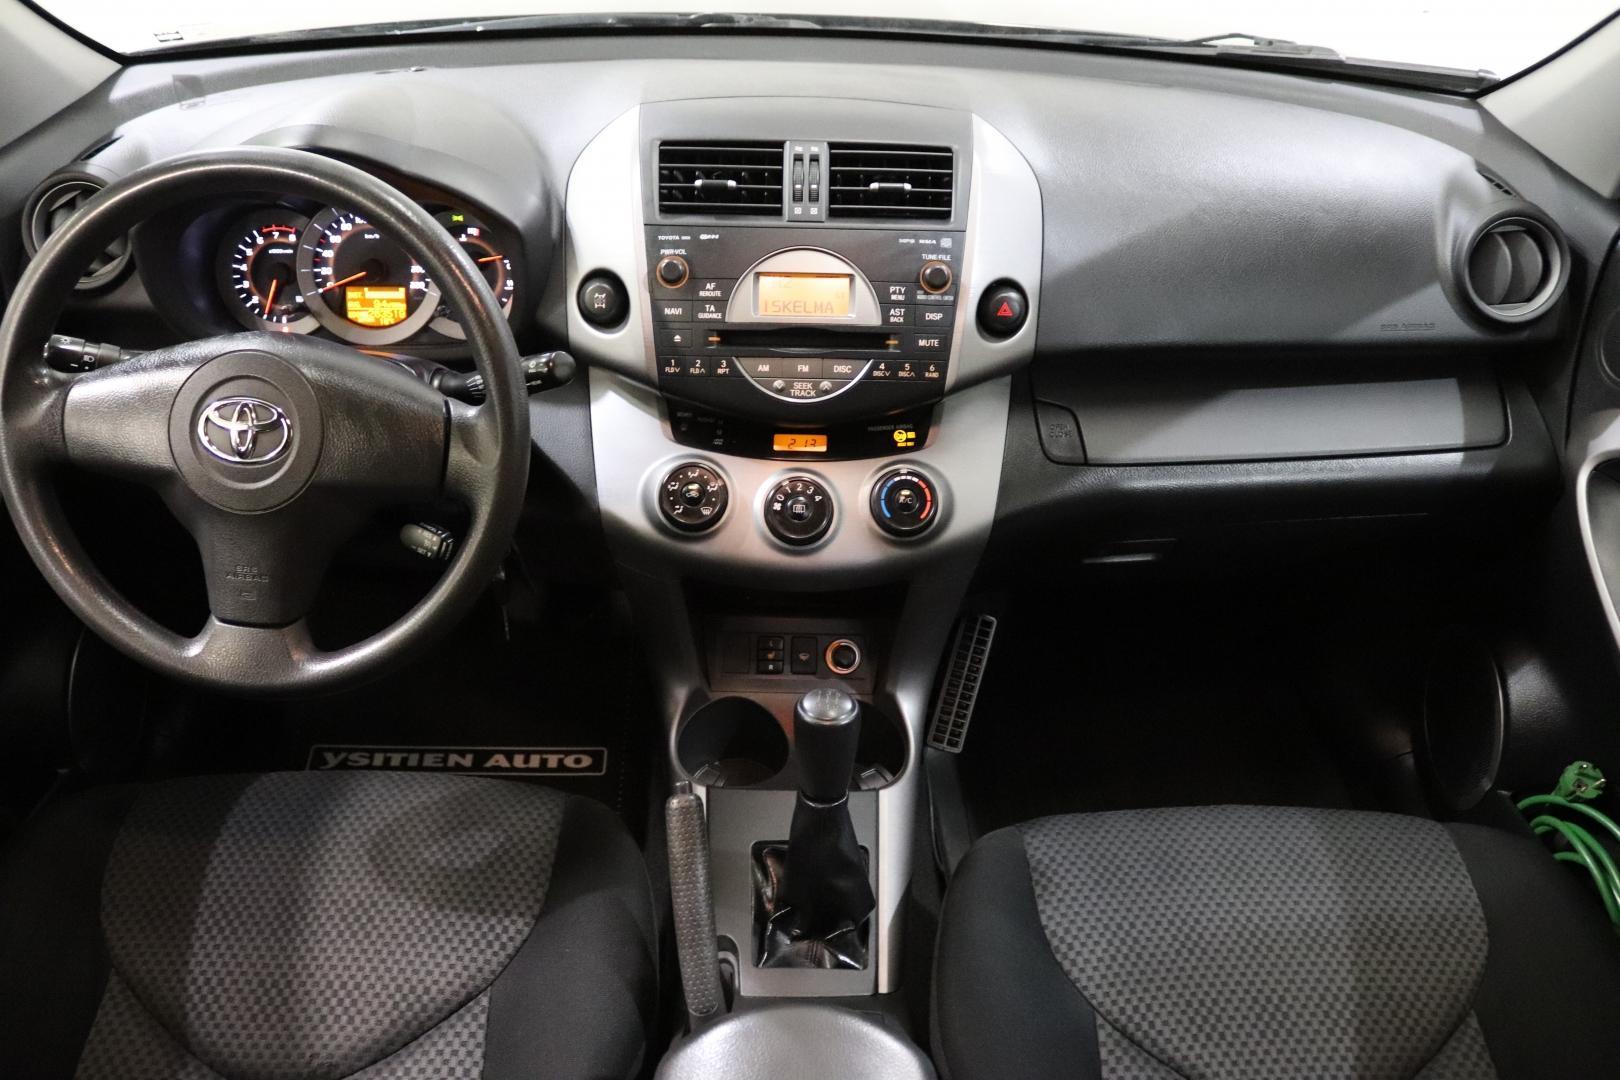 Toyota RAV4, 2.0 VVT-i 4wd